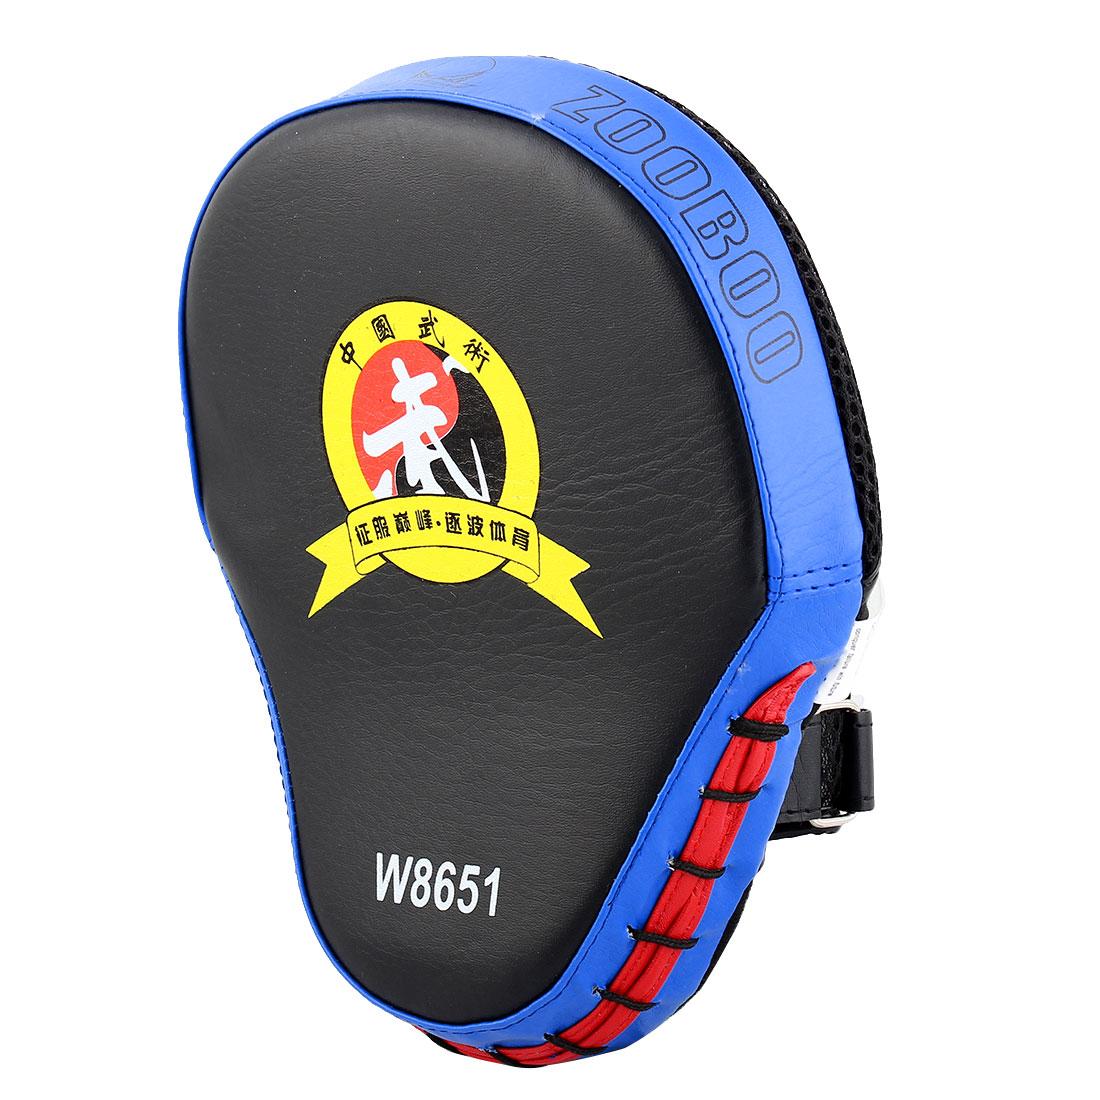 Karate Thai Kick MMA Boxing Punching Mitt Target Focus Pads Strike Shield Blue